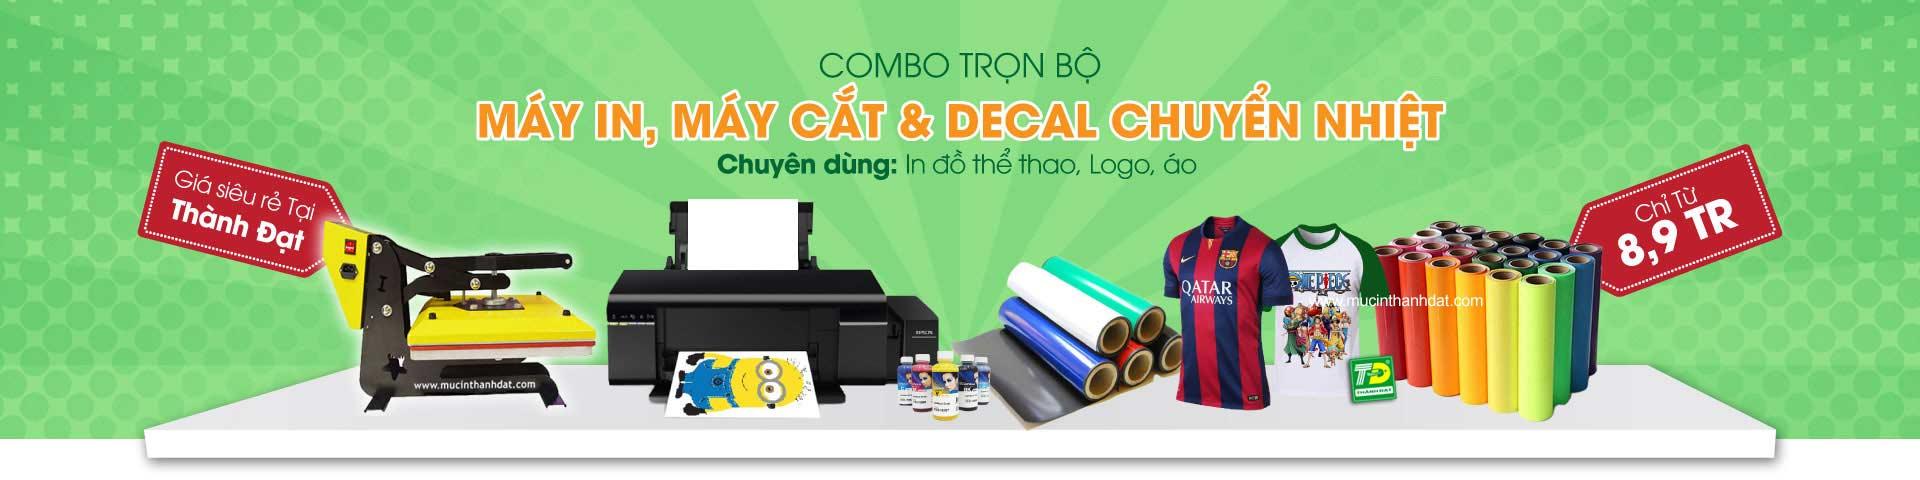 combo-tron-bo-may-cat-decal-chuyen-nhiet-1920x480